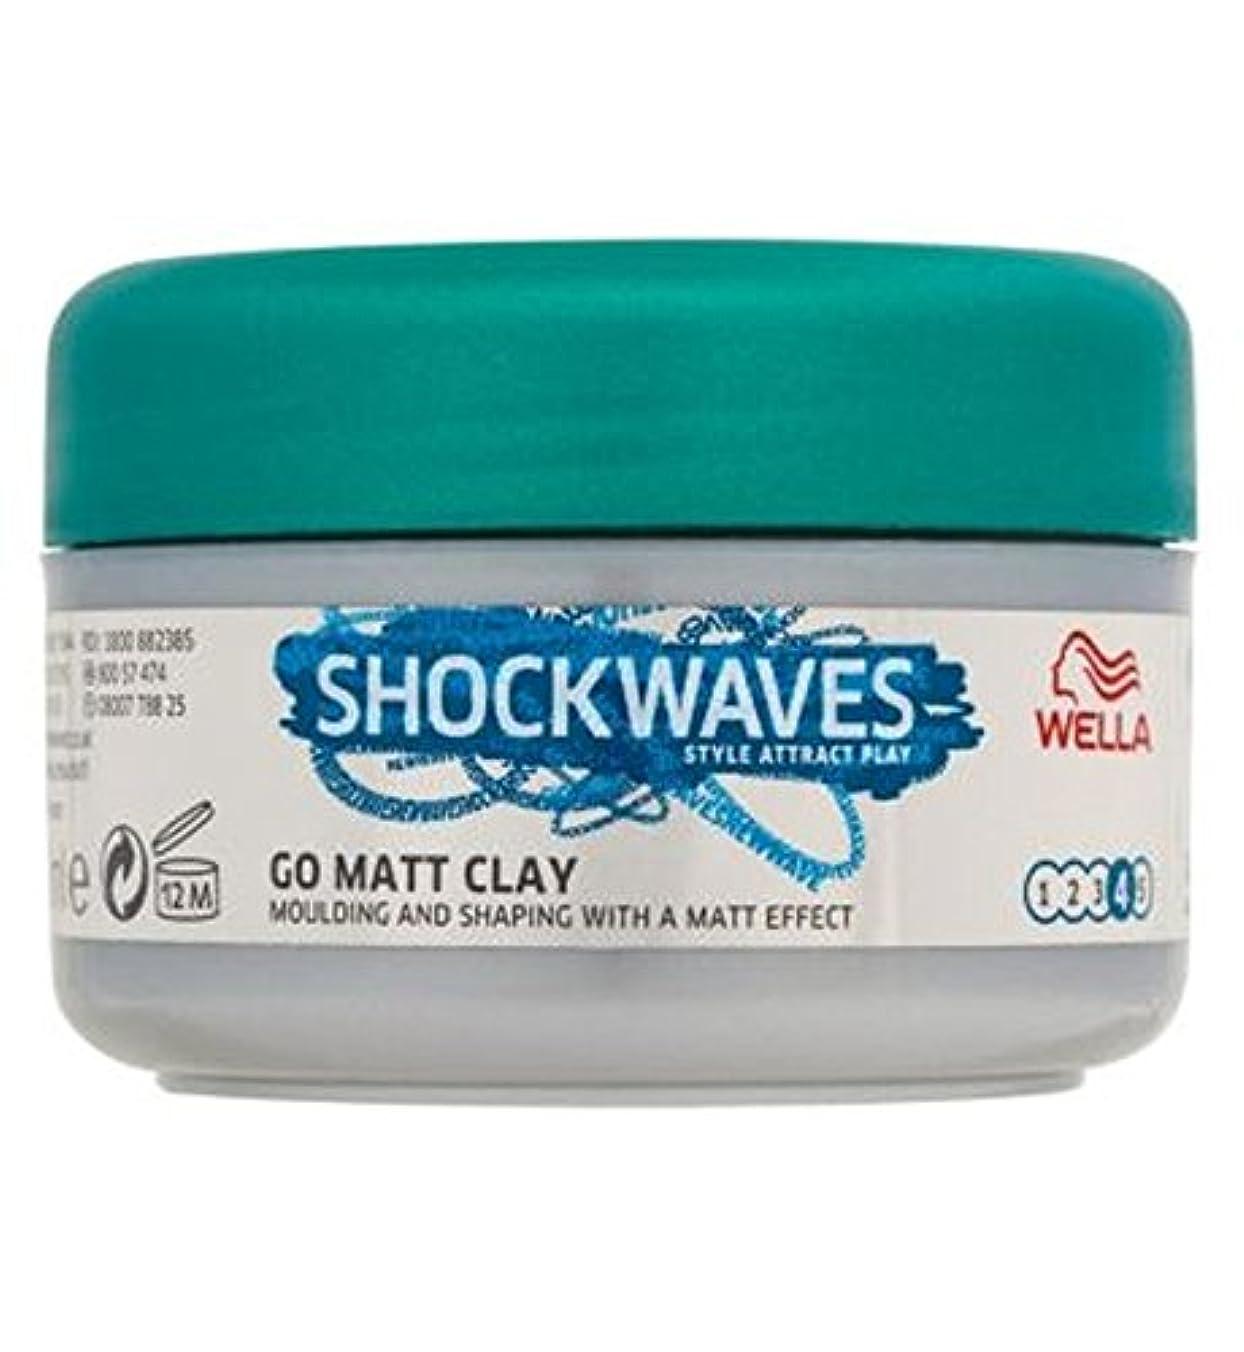 一般的に散逸情緒的ウエラの衝撃波の外向性はマット粘土75ミリリットルを行きます (Wella Shockwaves) (x2) - Wella Shockwaves Extrovert Go Matt Clay 75ml (Pack of...